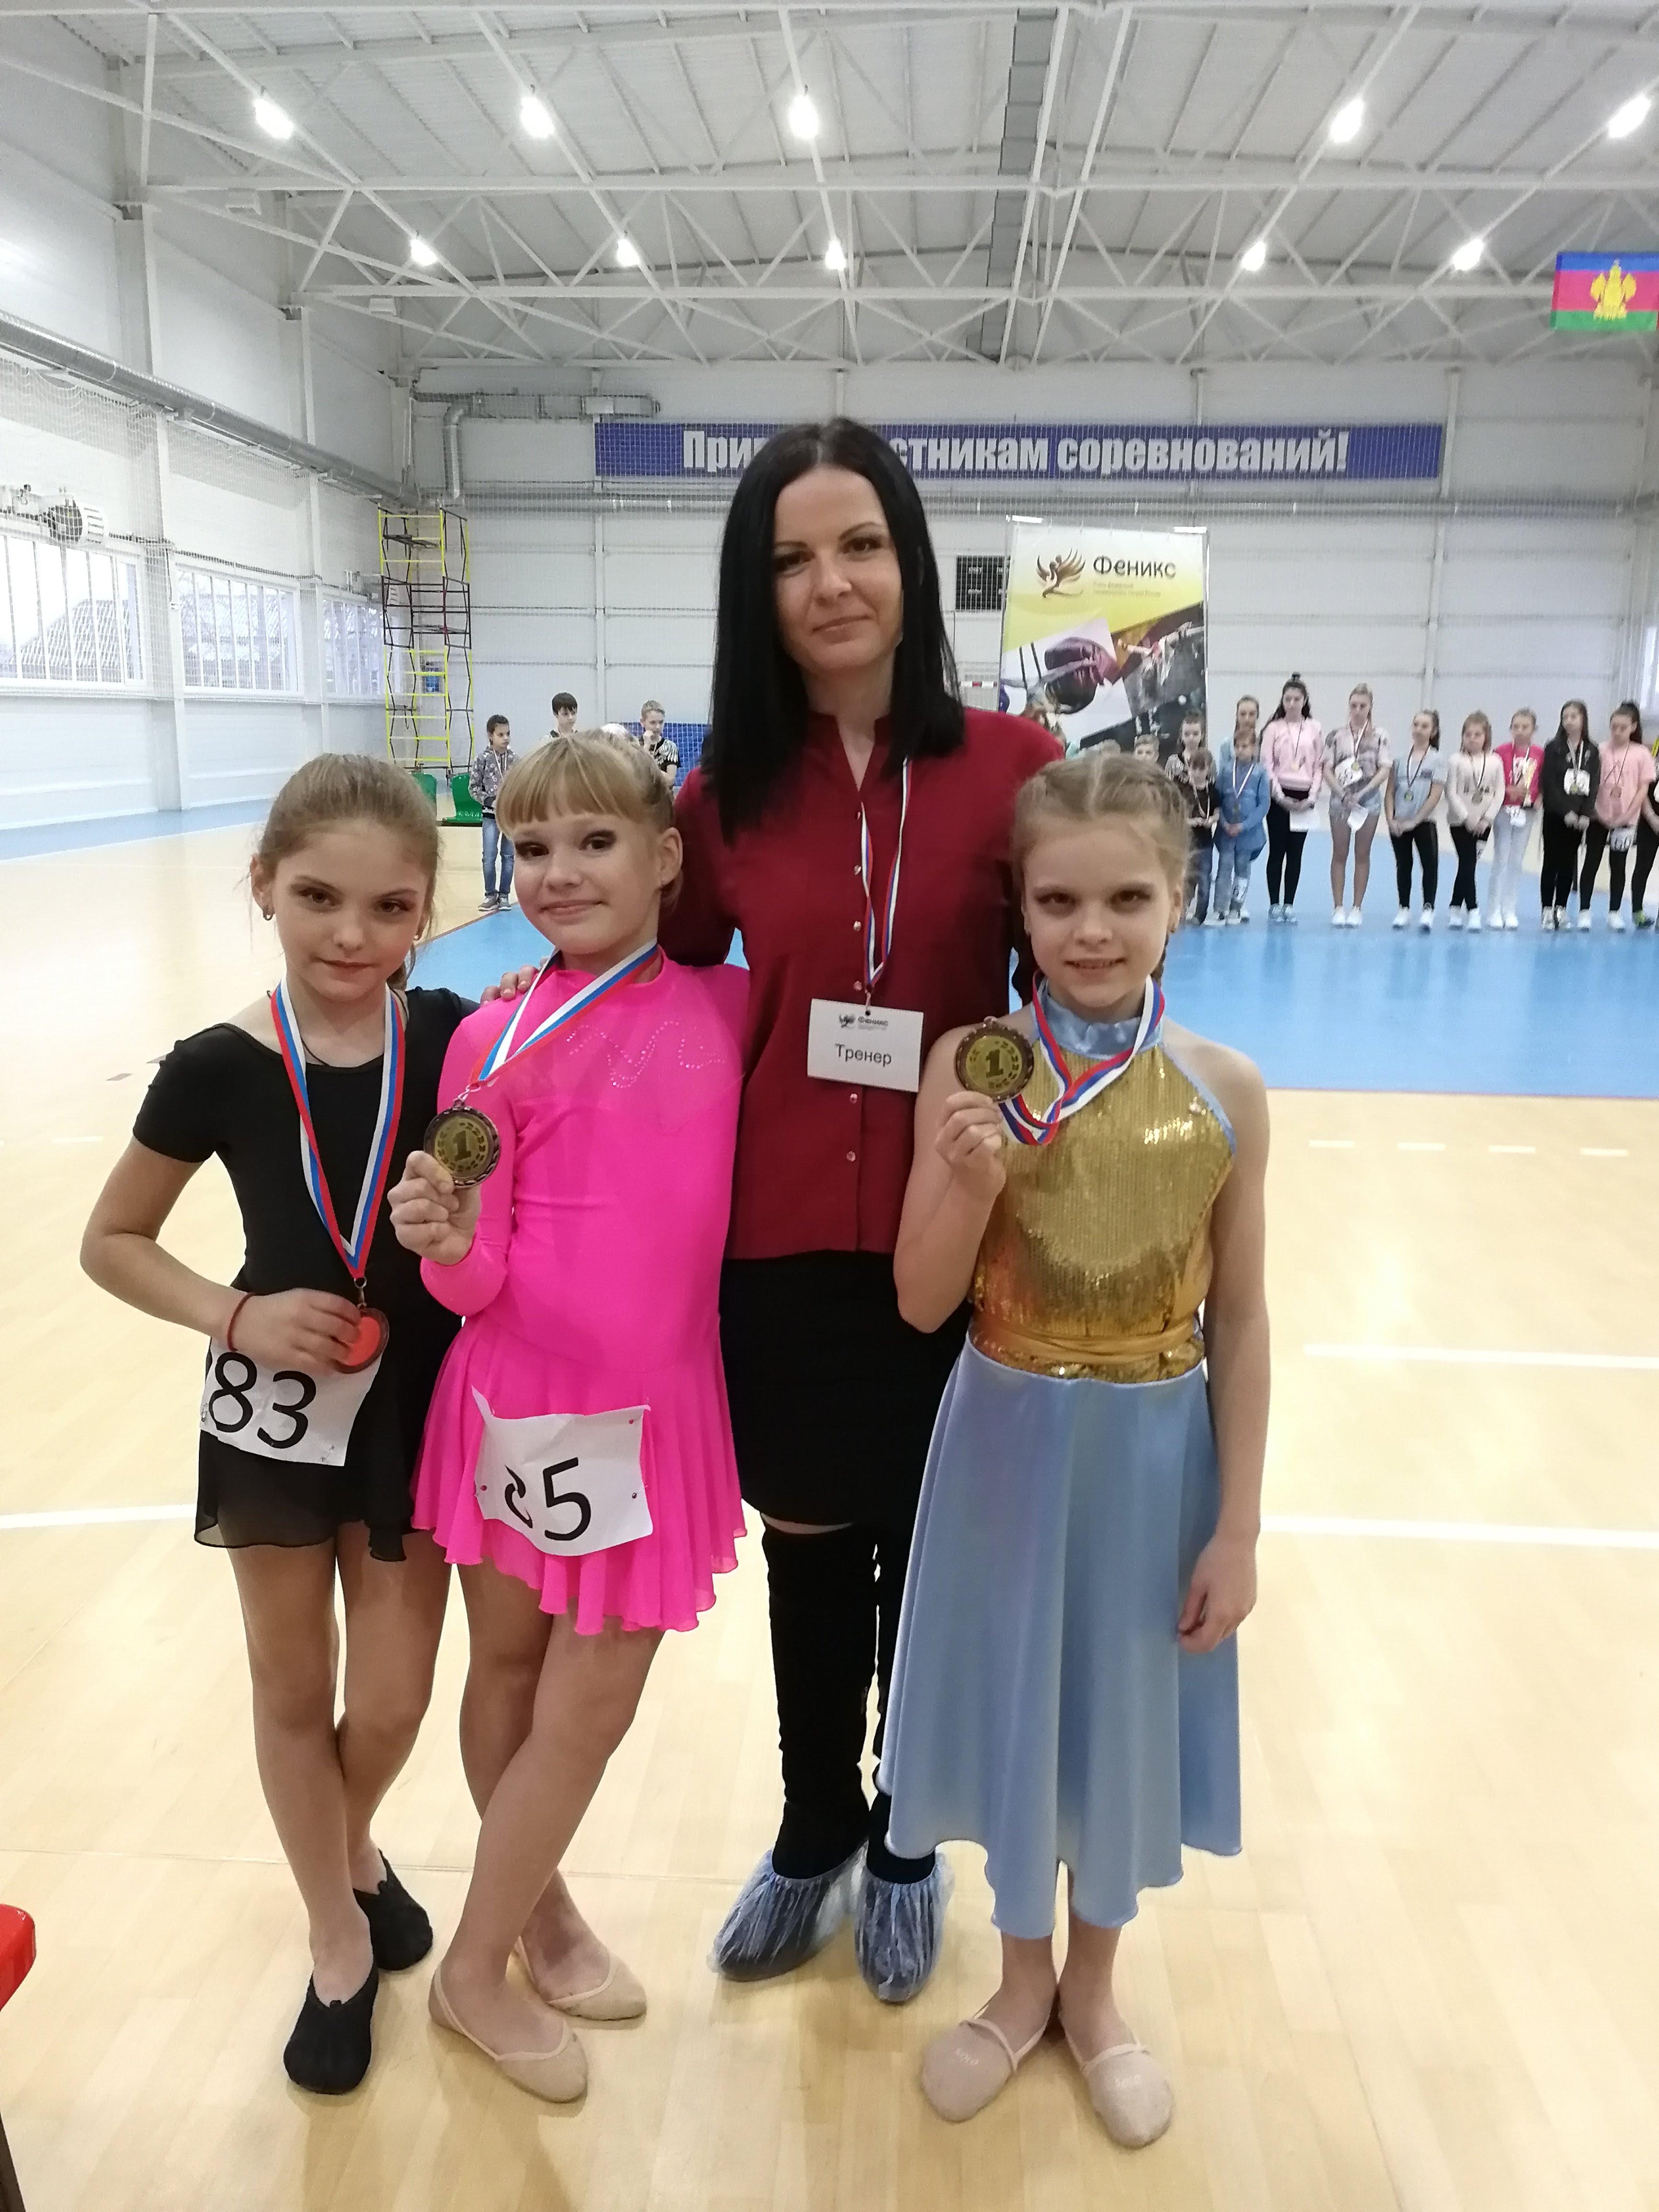 Соревнования по танцам